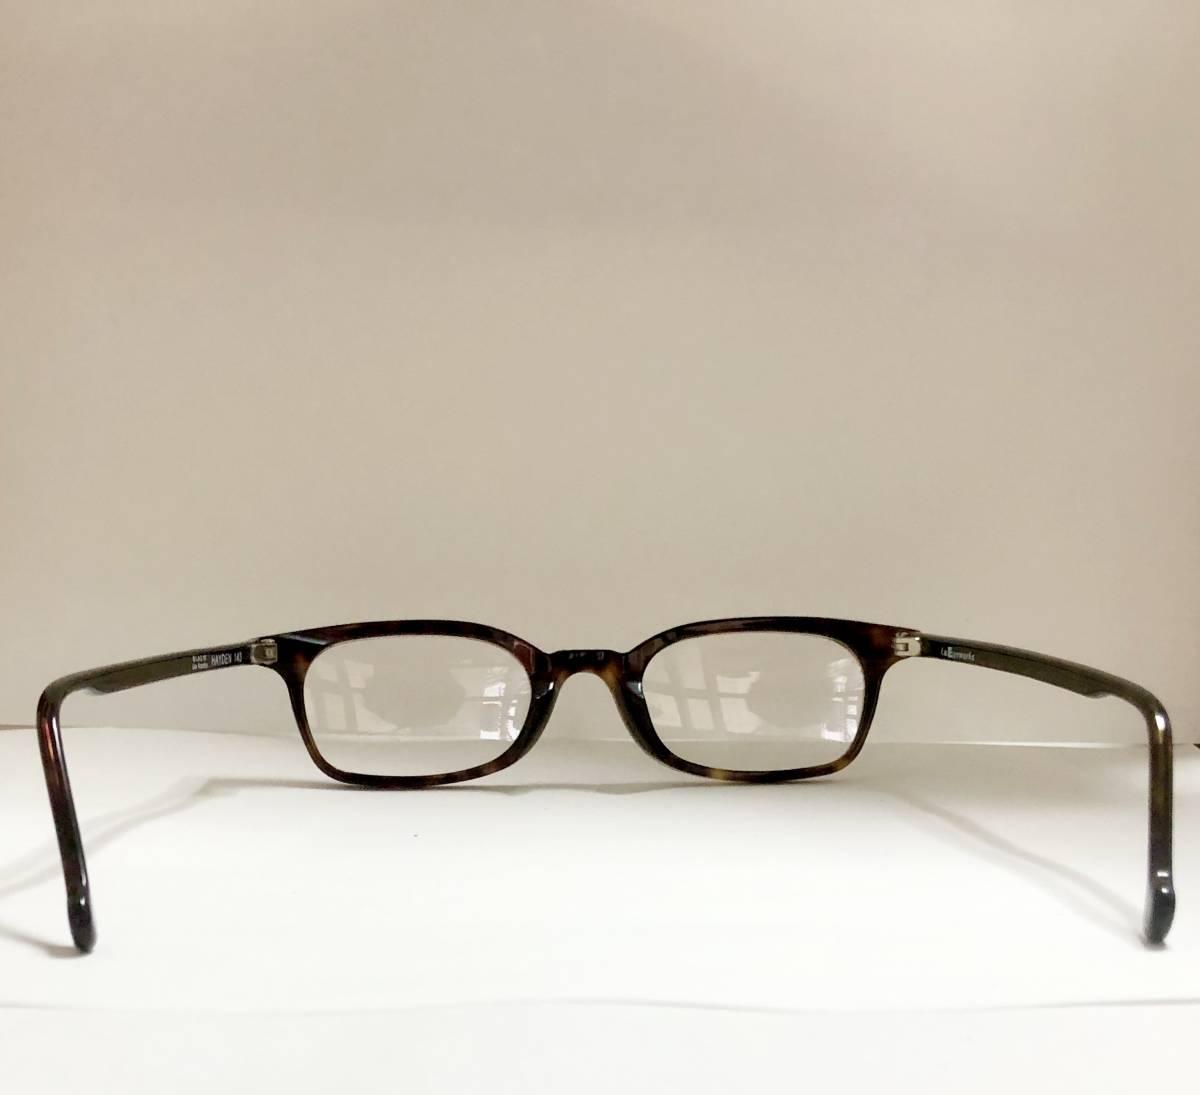 ビンテージ・未使用】1990年代 l.a. Eyeworks イタリア製 べっ甲色 高級メガネ エルエーアイワークス /ヴィンテージ 米国ブランド_画像8